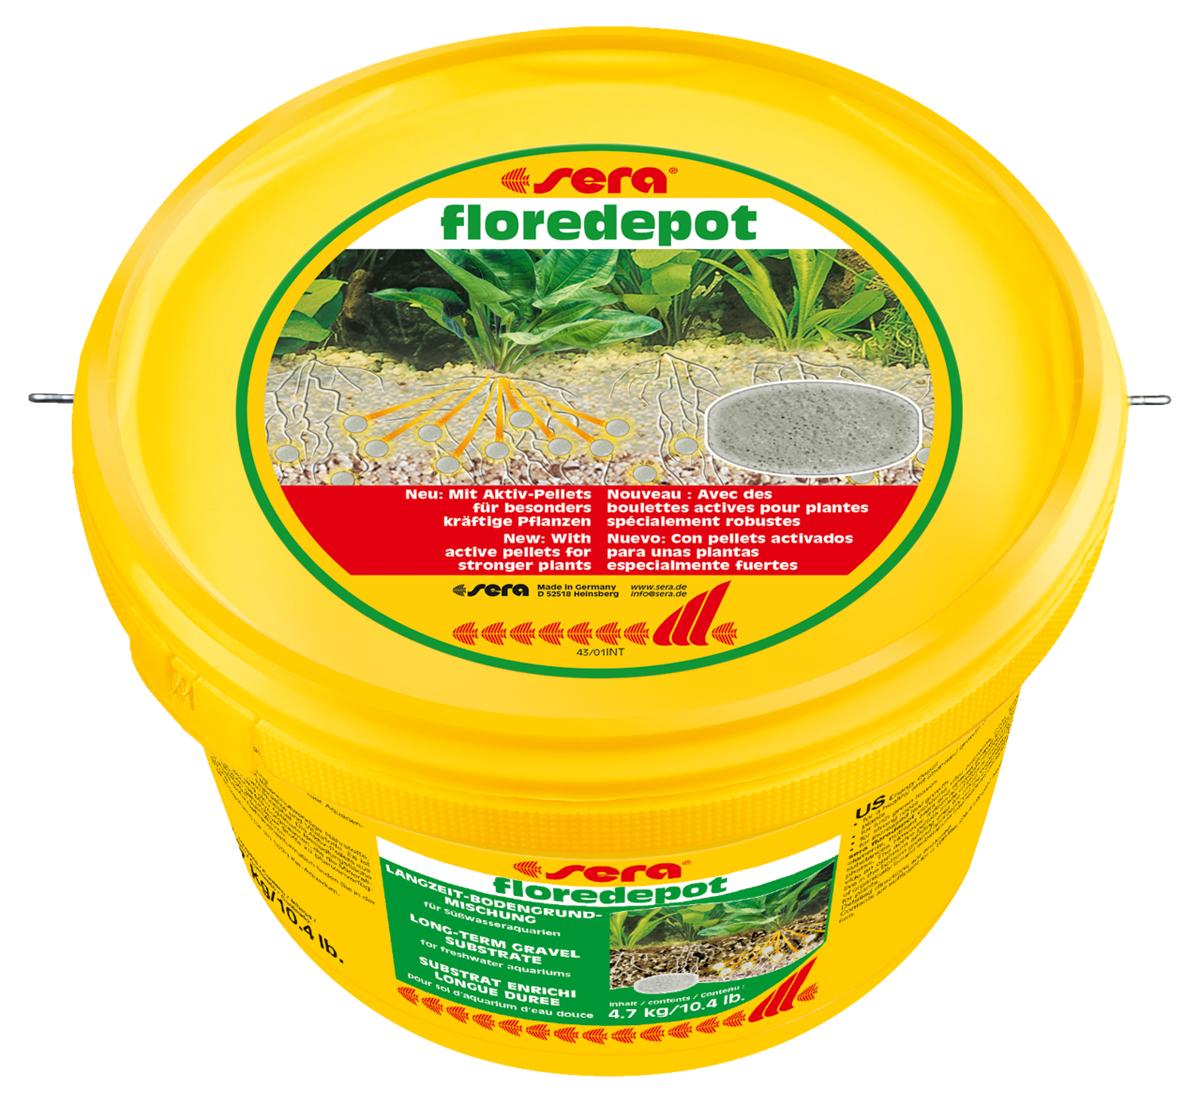 Грунт для аквариумных растений Sera Floredepot, 4,7 кг3380Питательный грунт длительного использования для водных растений в пресноводных аквариумах. Состоит из чистого промытого песка, специально подготовленного торфа, микроэлементов, питательных солей и других жизненно необходимых веществ. Инструкция по применению: Флоредепот используется при первом запуске аквариума. Грунт необходимо равномерно распределить по дну аквариума в той части, где впоследствии предполагается высадить водные растения. Примерный расчет: упаковка 2,4 кг для аквариумов до 60 л, упаковка 4.7 кг- до 100 л воды.